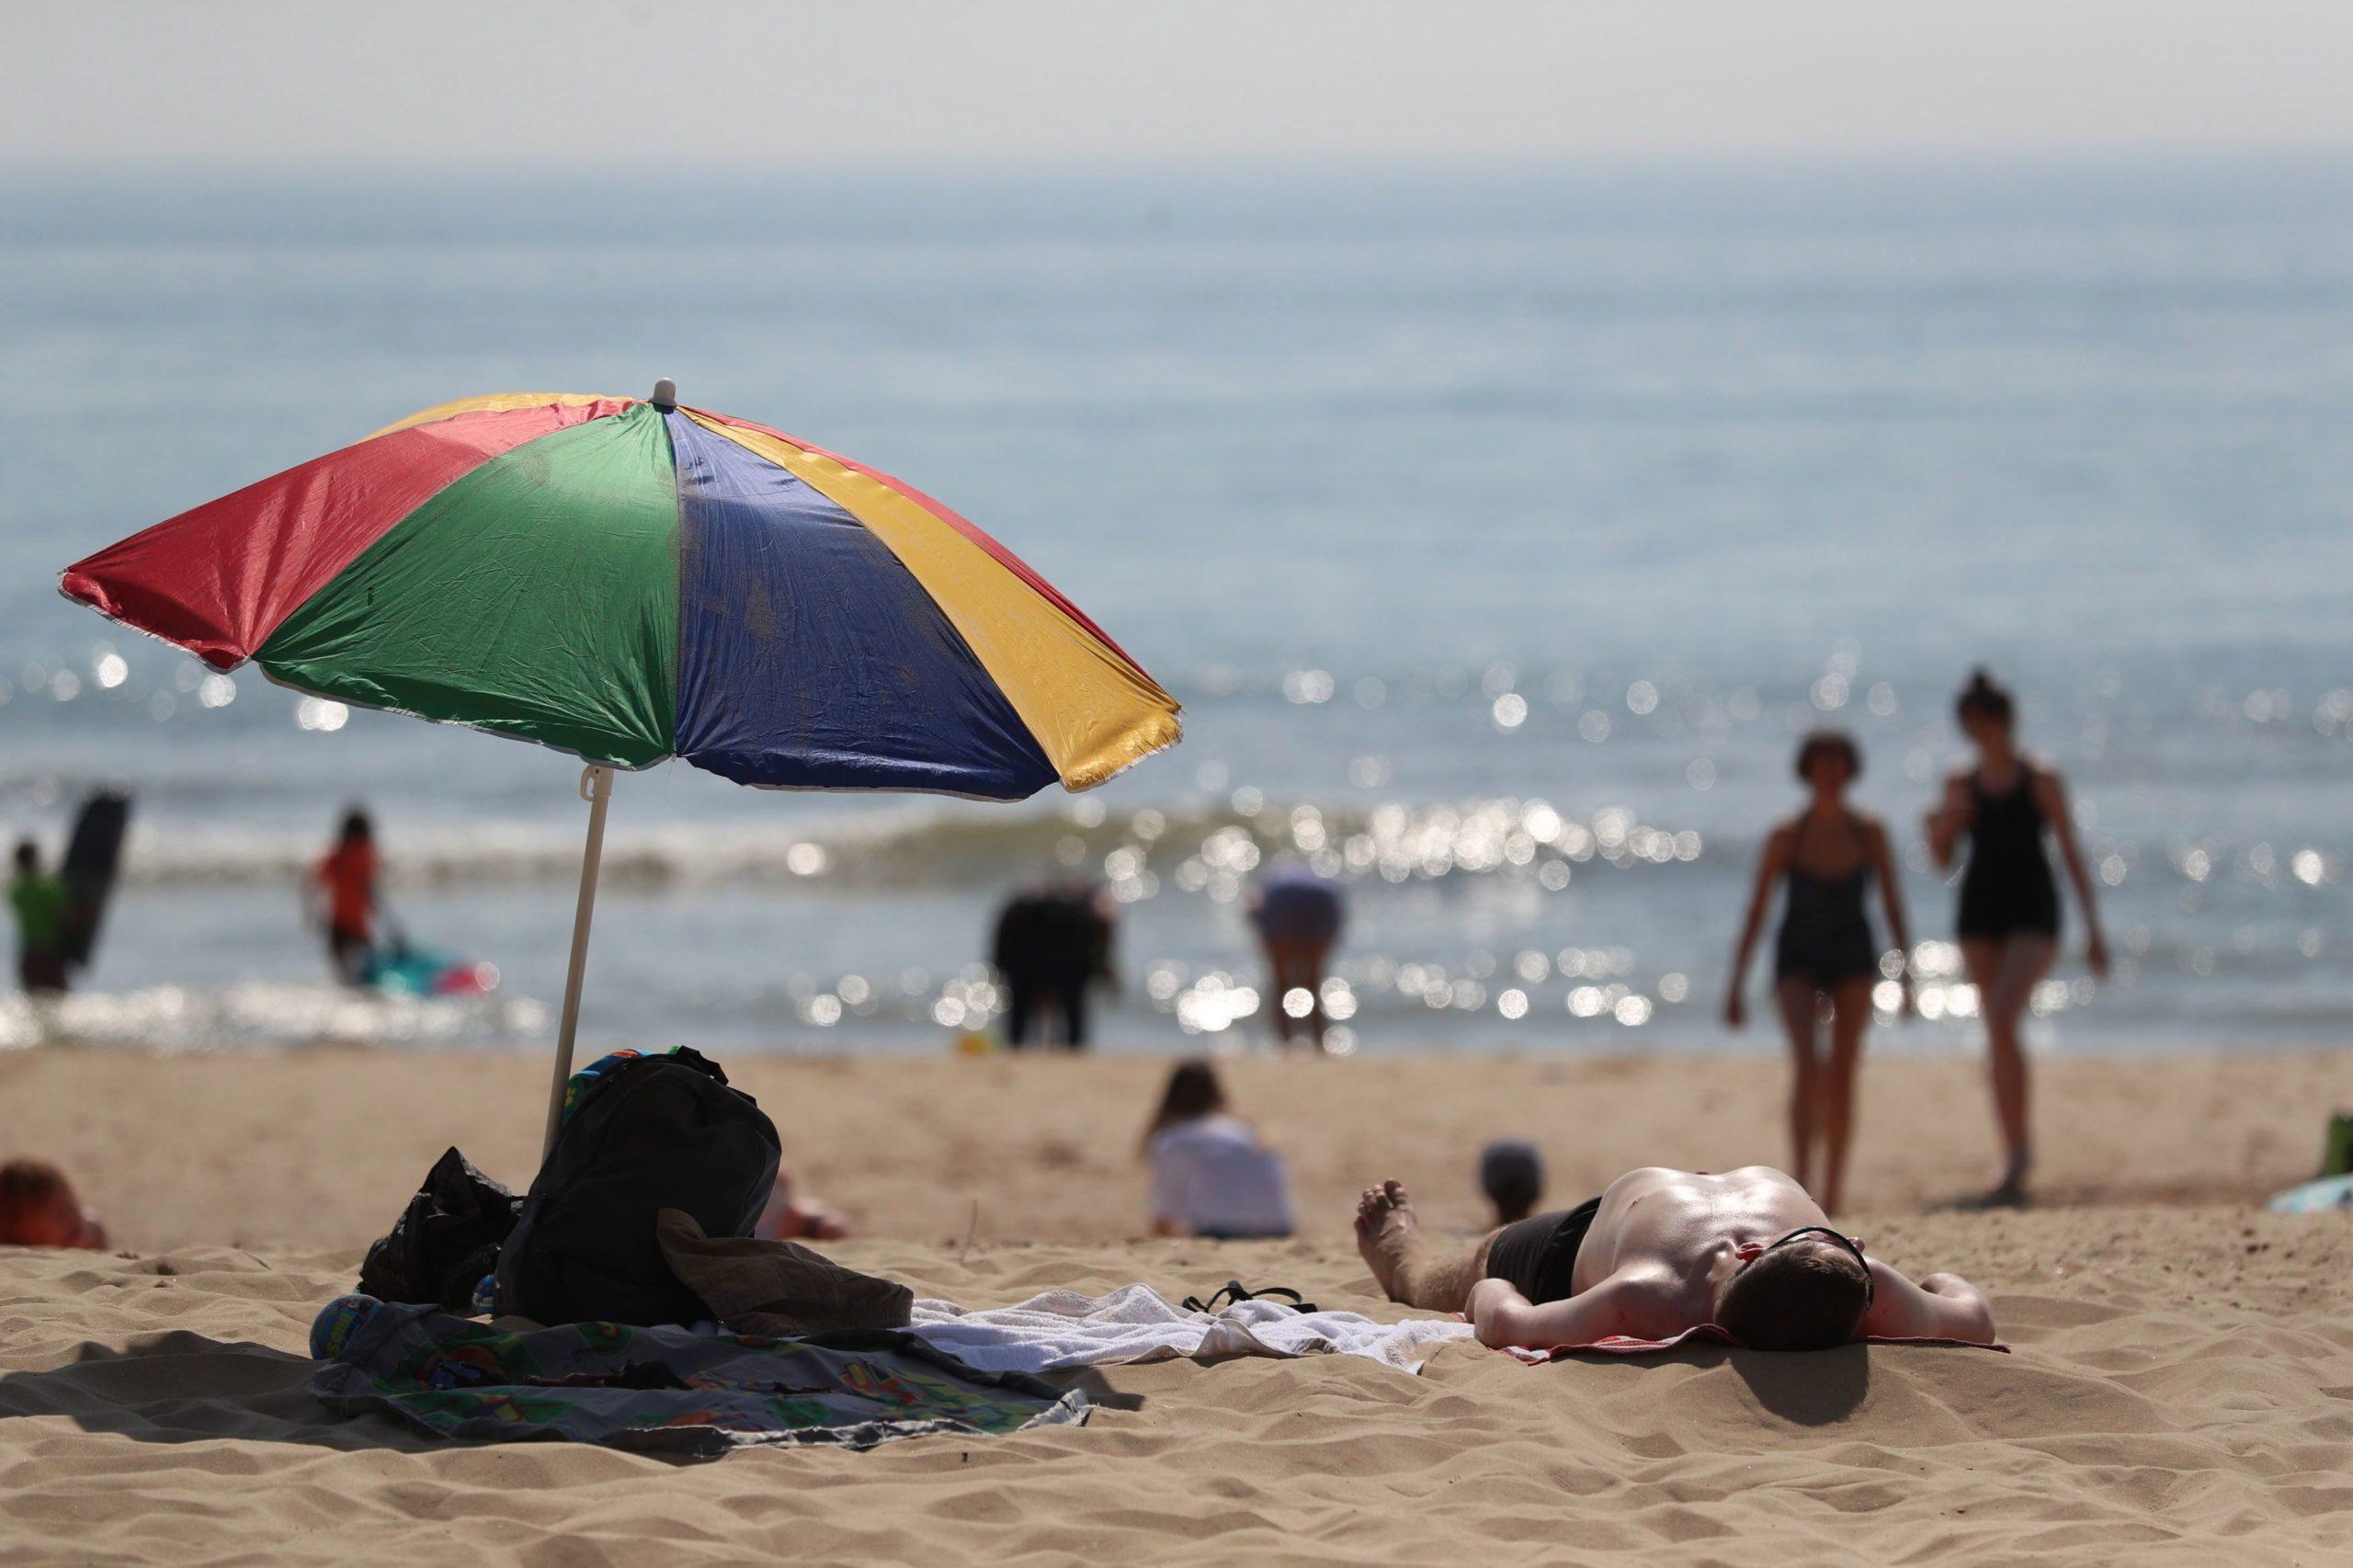 Kjo është fundjava ideale për planet tuaja në bregdet